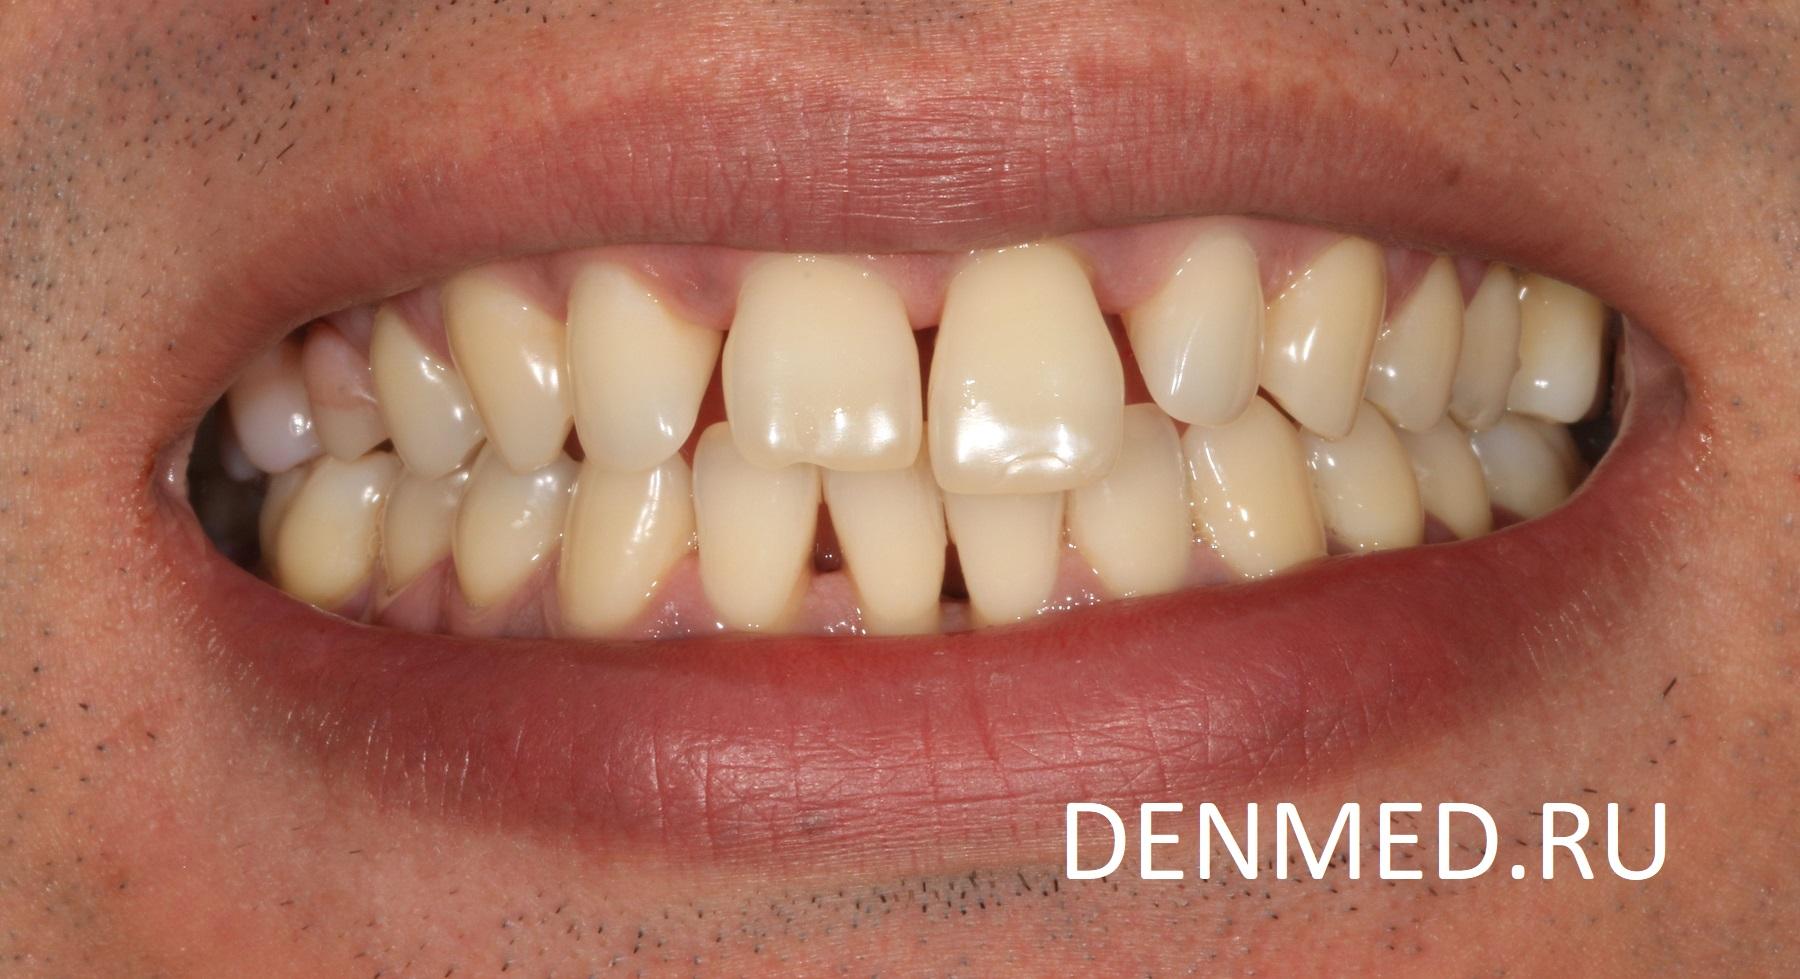 Из-за слабого пародонта, зубы плохо фиксированы в кости и имеют подвижность